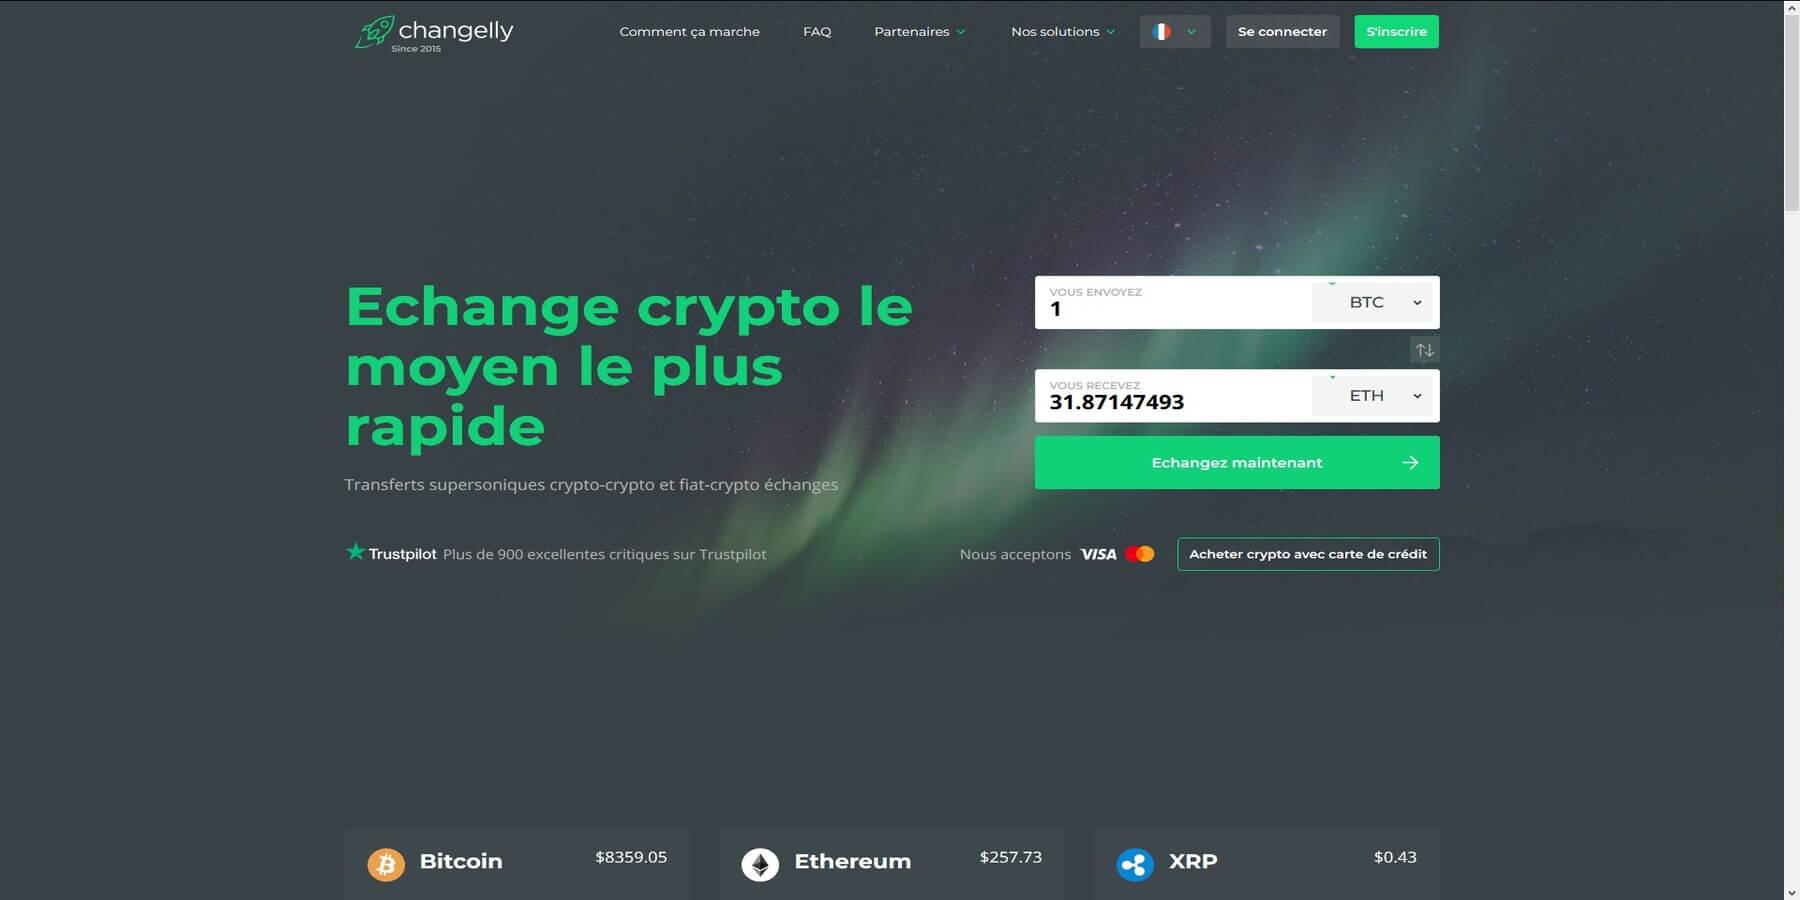 Acheter des cryptomonnaies chez Changelly